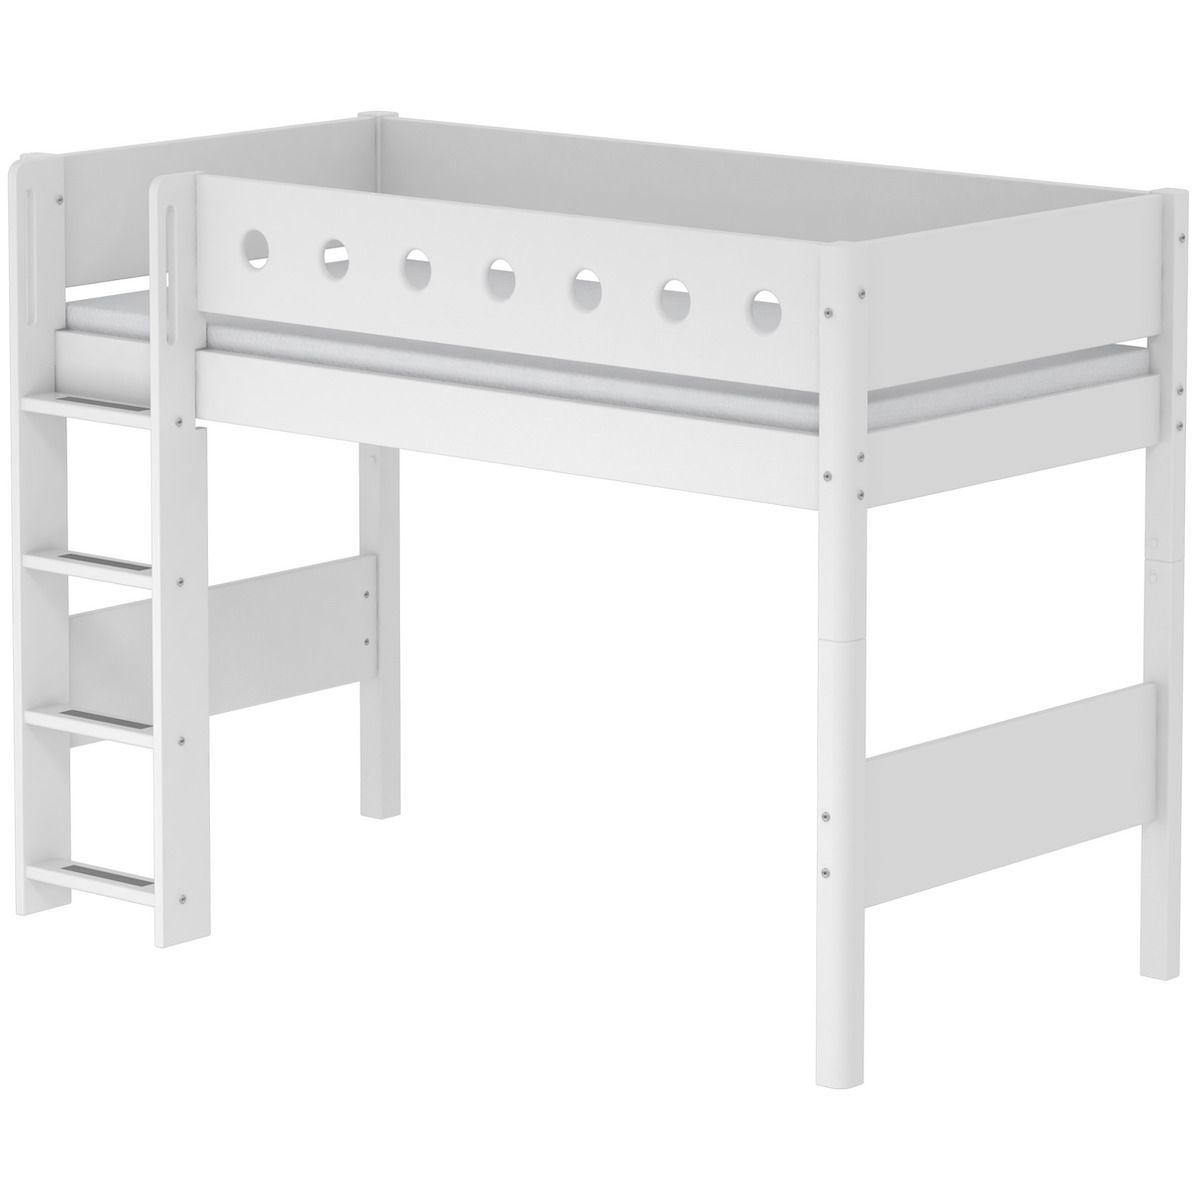 Cama semi alta 90x190 WHITE Flexa escalera recta barrera y patas blancas